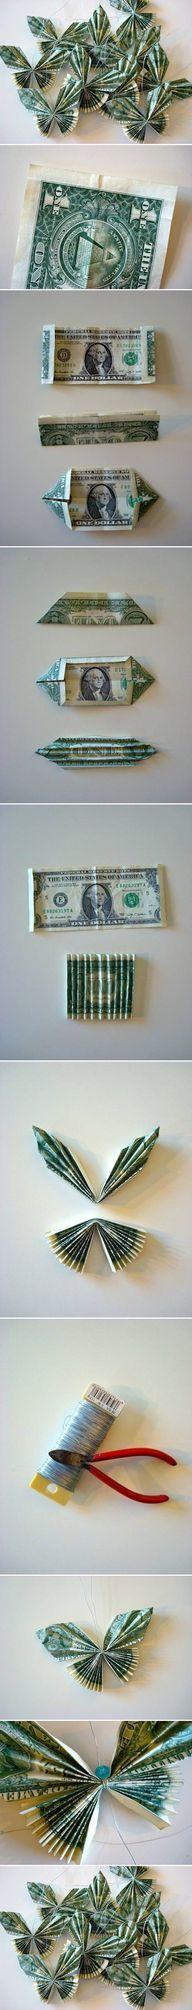 Dollar Bill Butterfly - http://craftideas.bitchinrants.com/dollar-bill-butterfly/